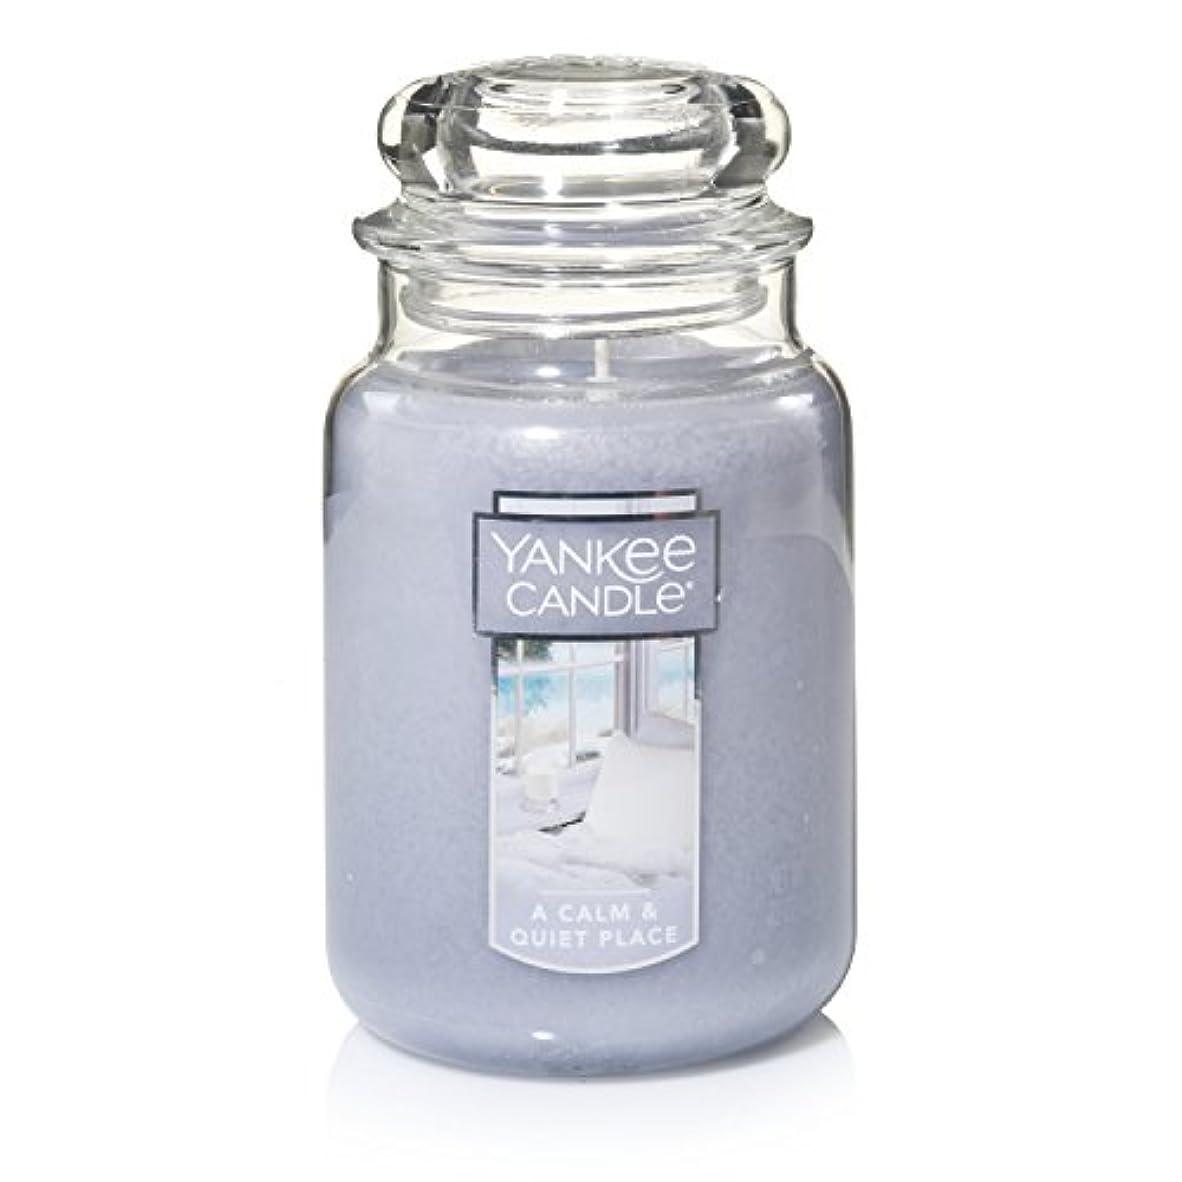 フィードオン圧倒する電話Yankee Candle A Calm & Quiet Place Jar Candle , Large